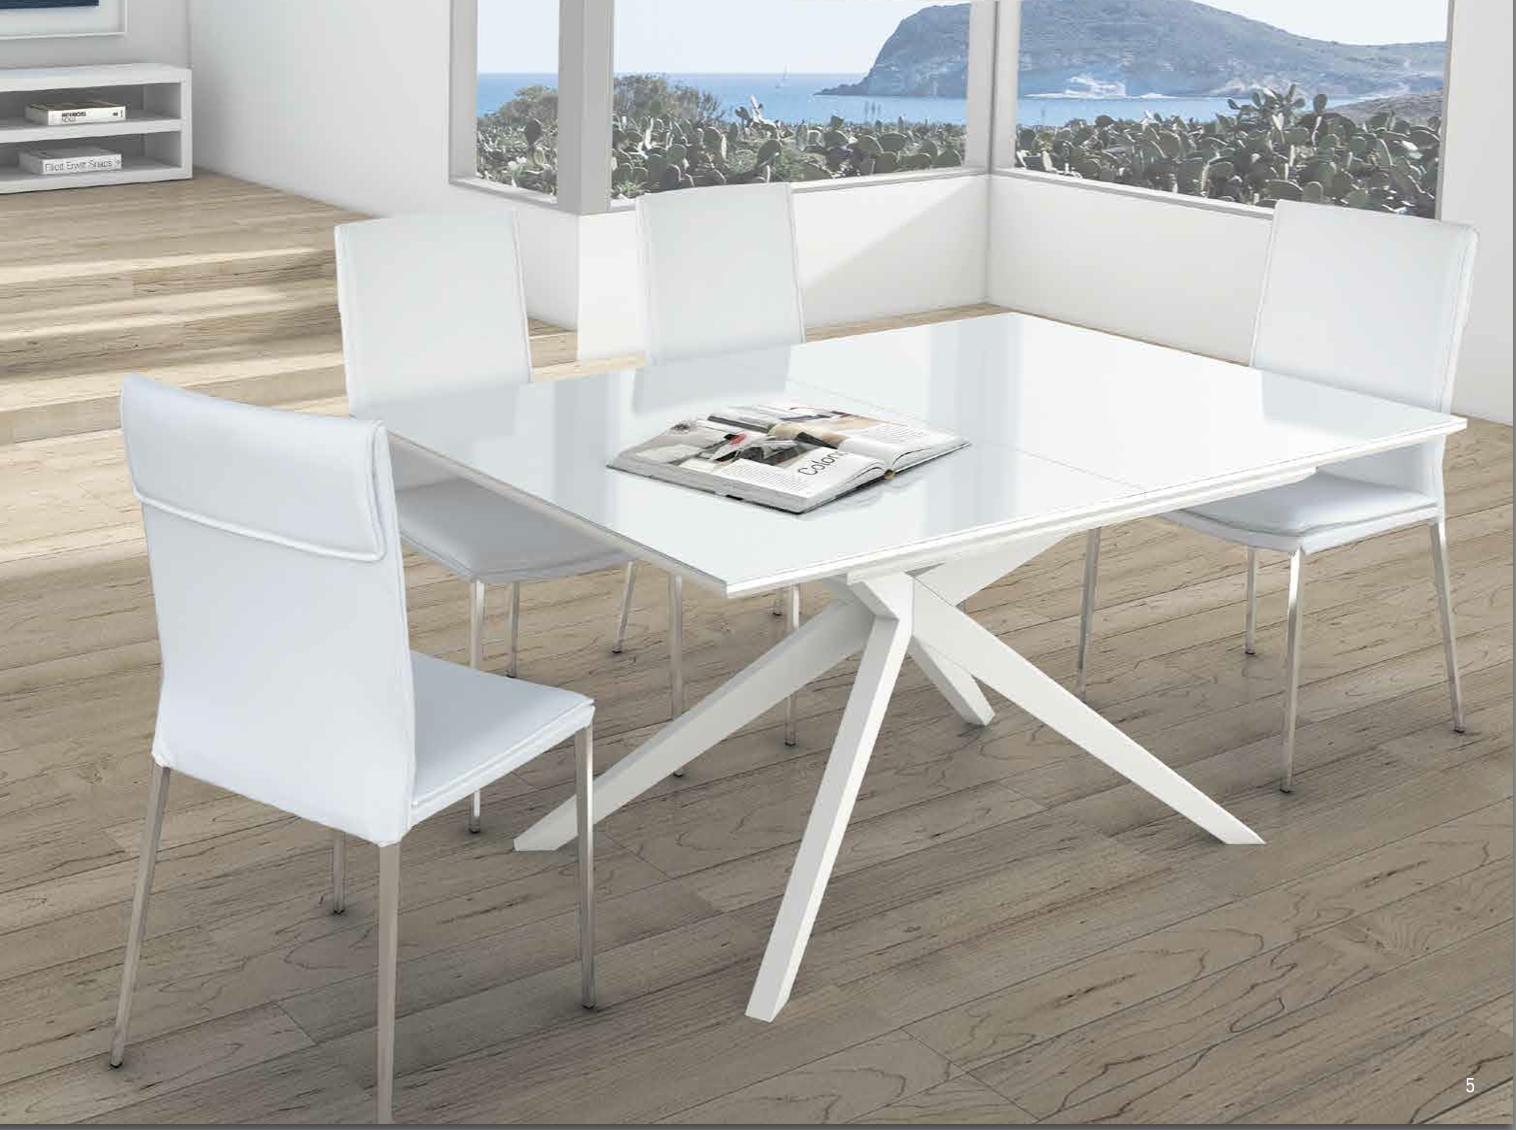 Comercialización y venta de muebles para hogar en Valencia | Bordera ...